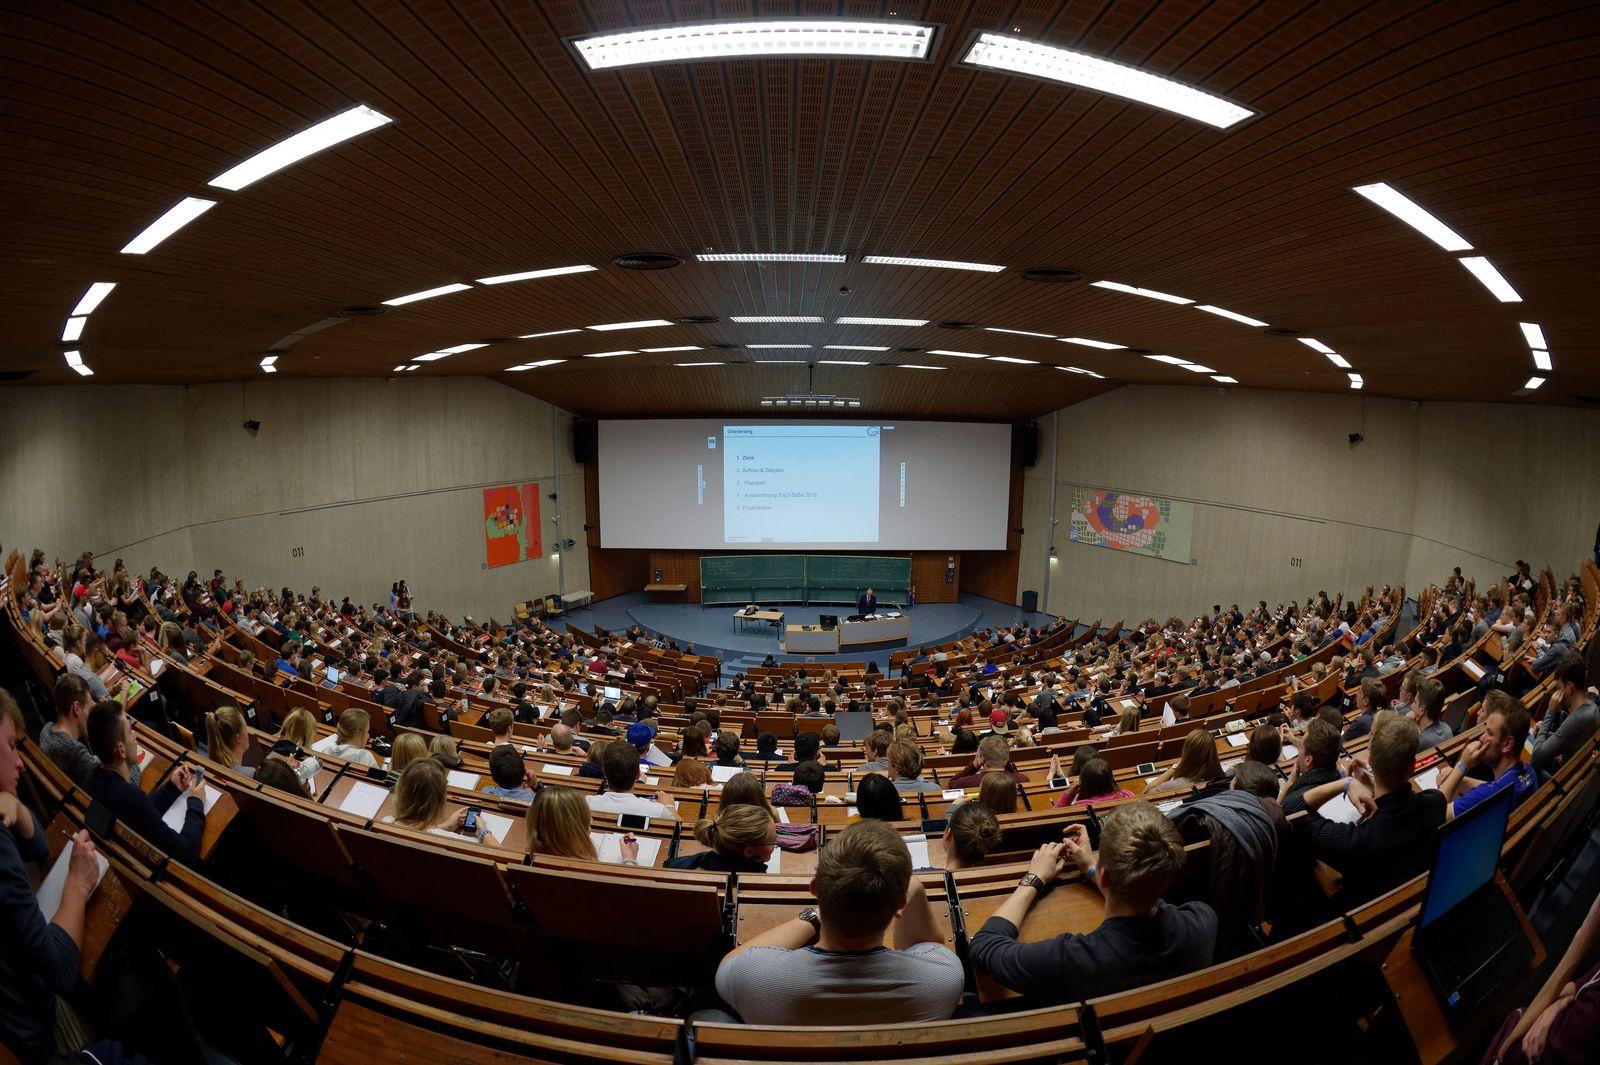 Studenten in Göttingen / Studentenrekord